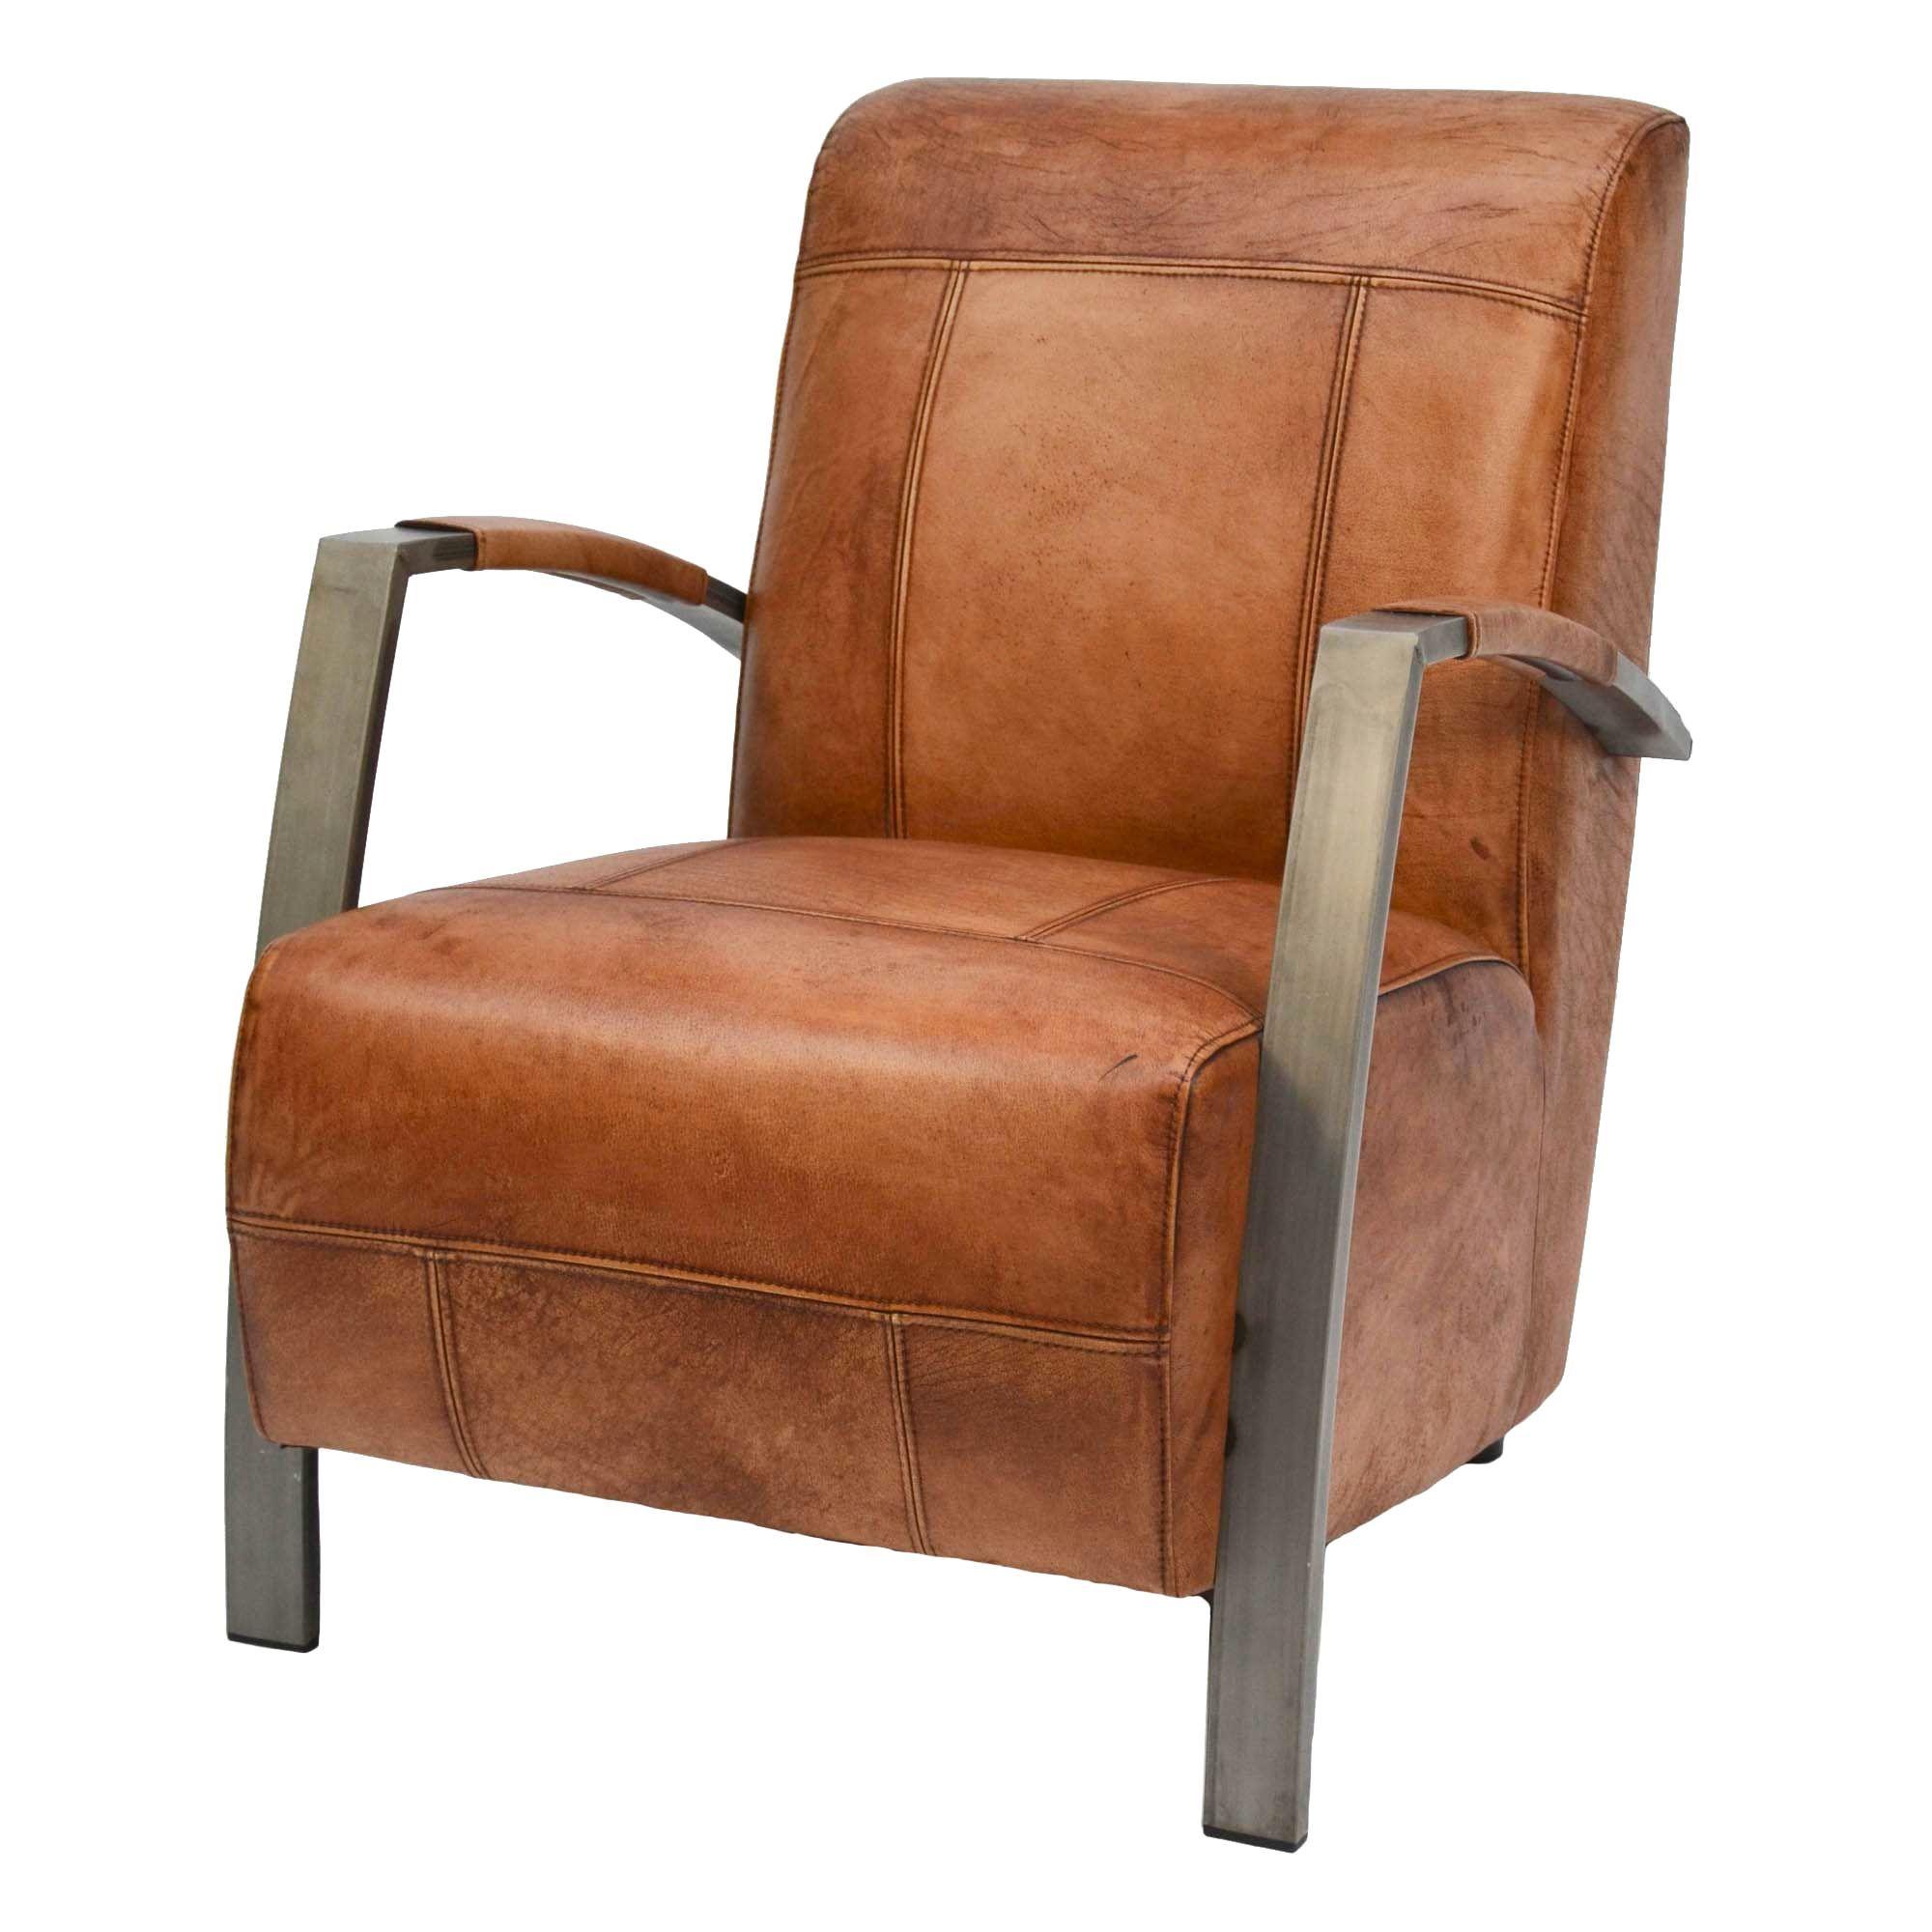 Full Size of Sessel Ikea 11 Lounge Luxus Schlafzimmer Küche Kosten Relaxsessel Garten Aldi Betten Bei Hängesessel Modulküche Sofa Mit Schlaffunktion Kaufen Wohnzimmer Wohnzimmer Sessel Ikea